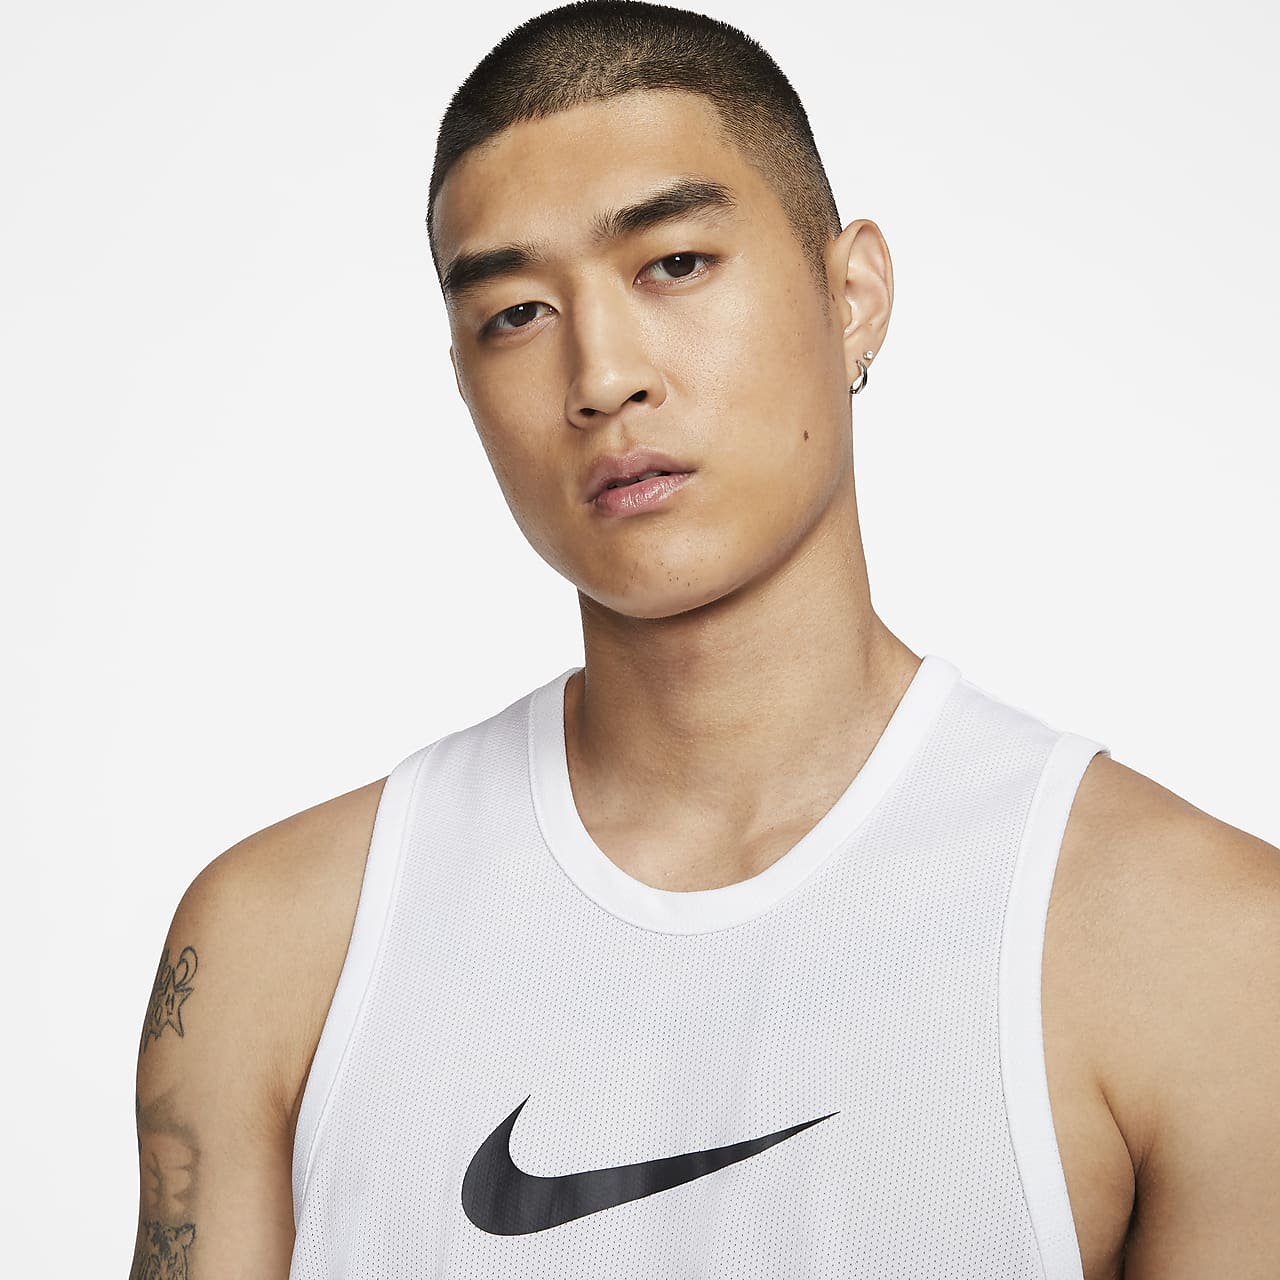 Nike Dri-FIT Men's Basketball Top BV9387-100